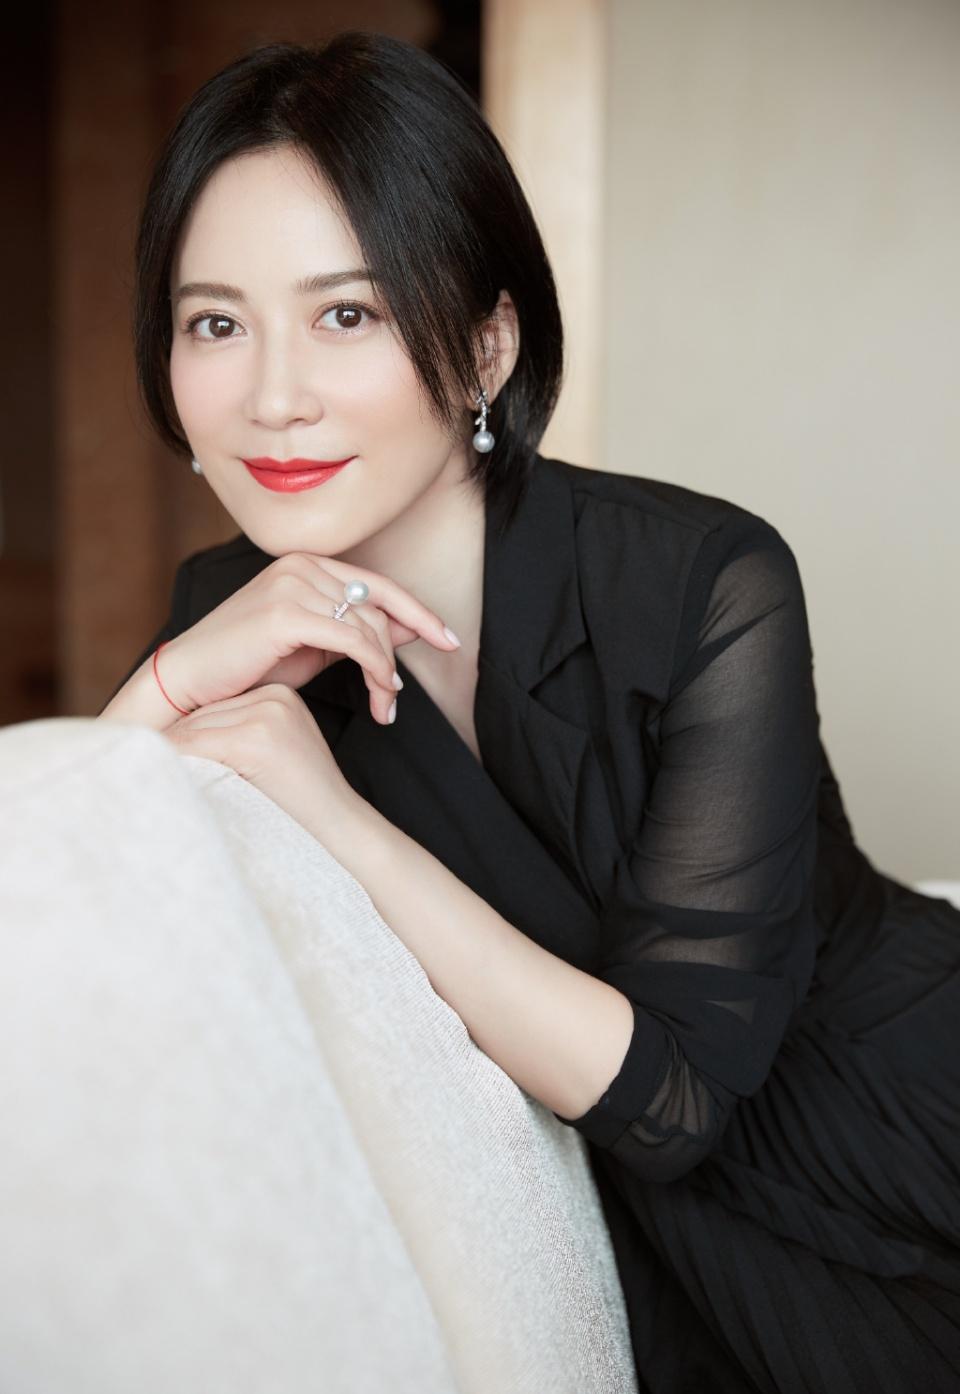 48岁俞飞鸿换新发型,锁骨发搭配黑色look连衣裙,居然意外时尚图片